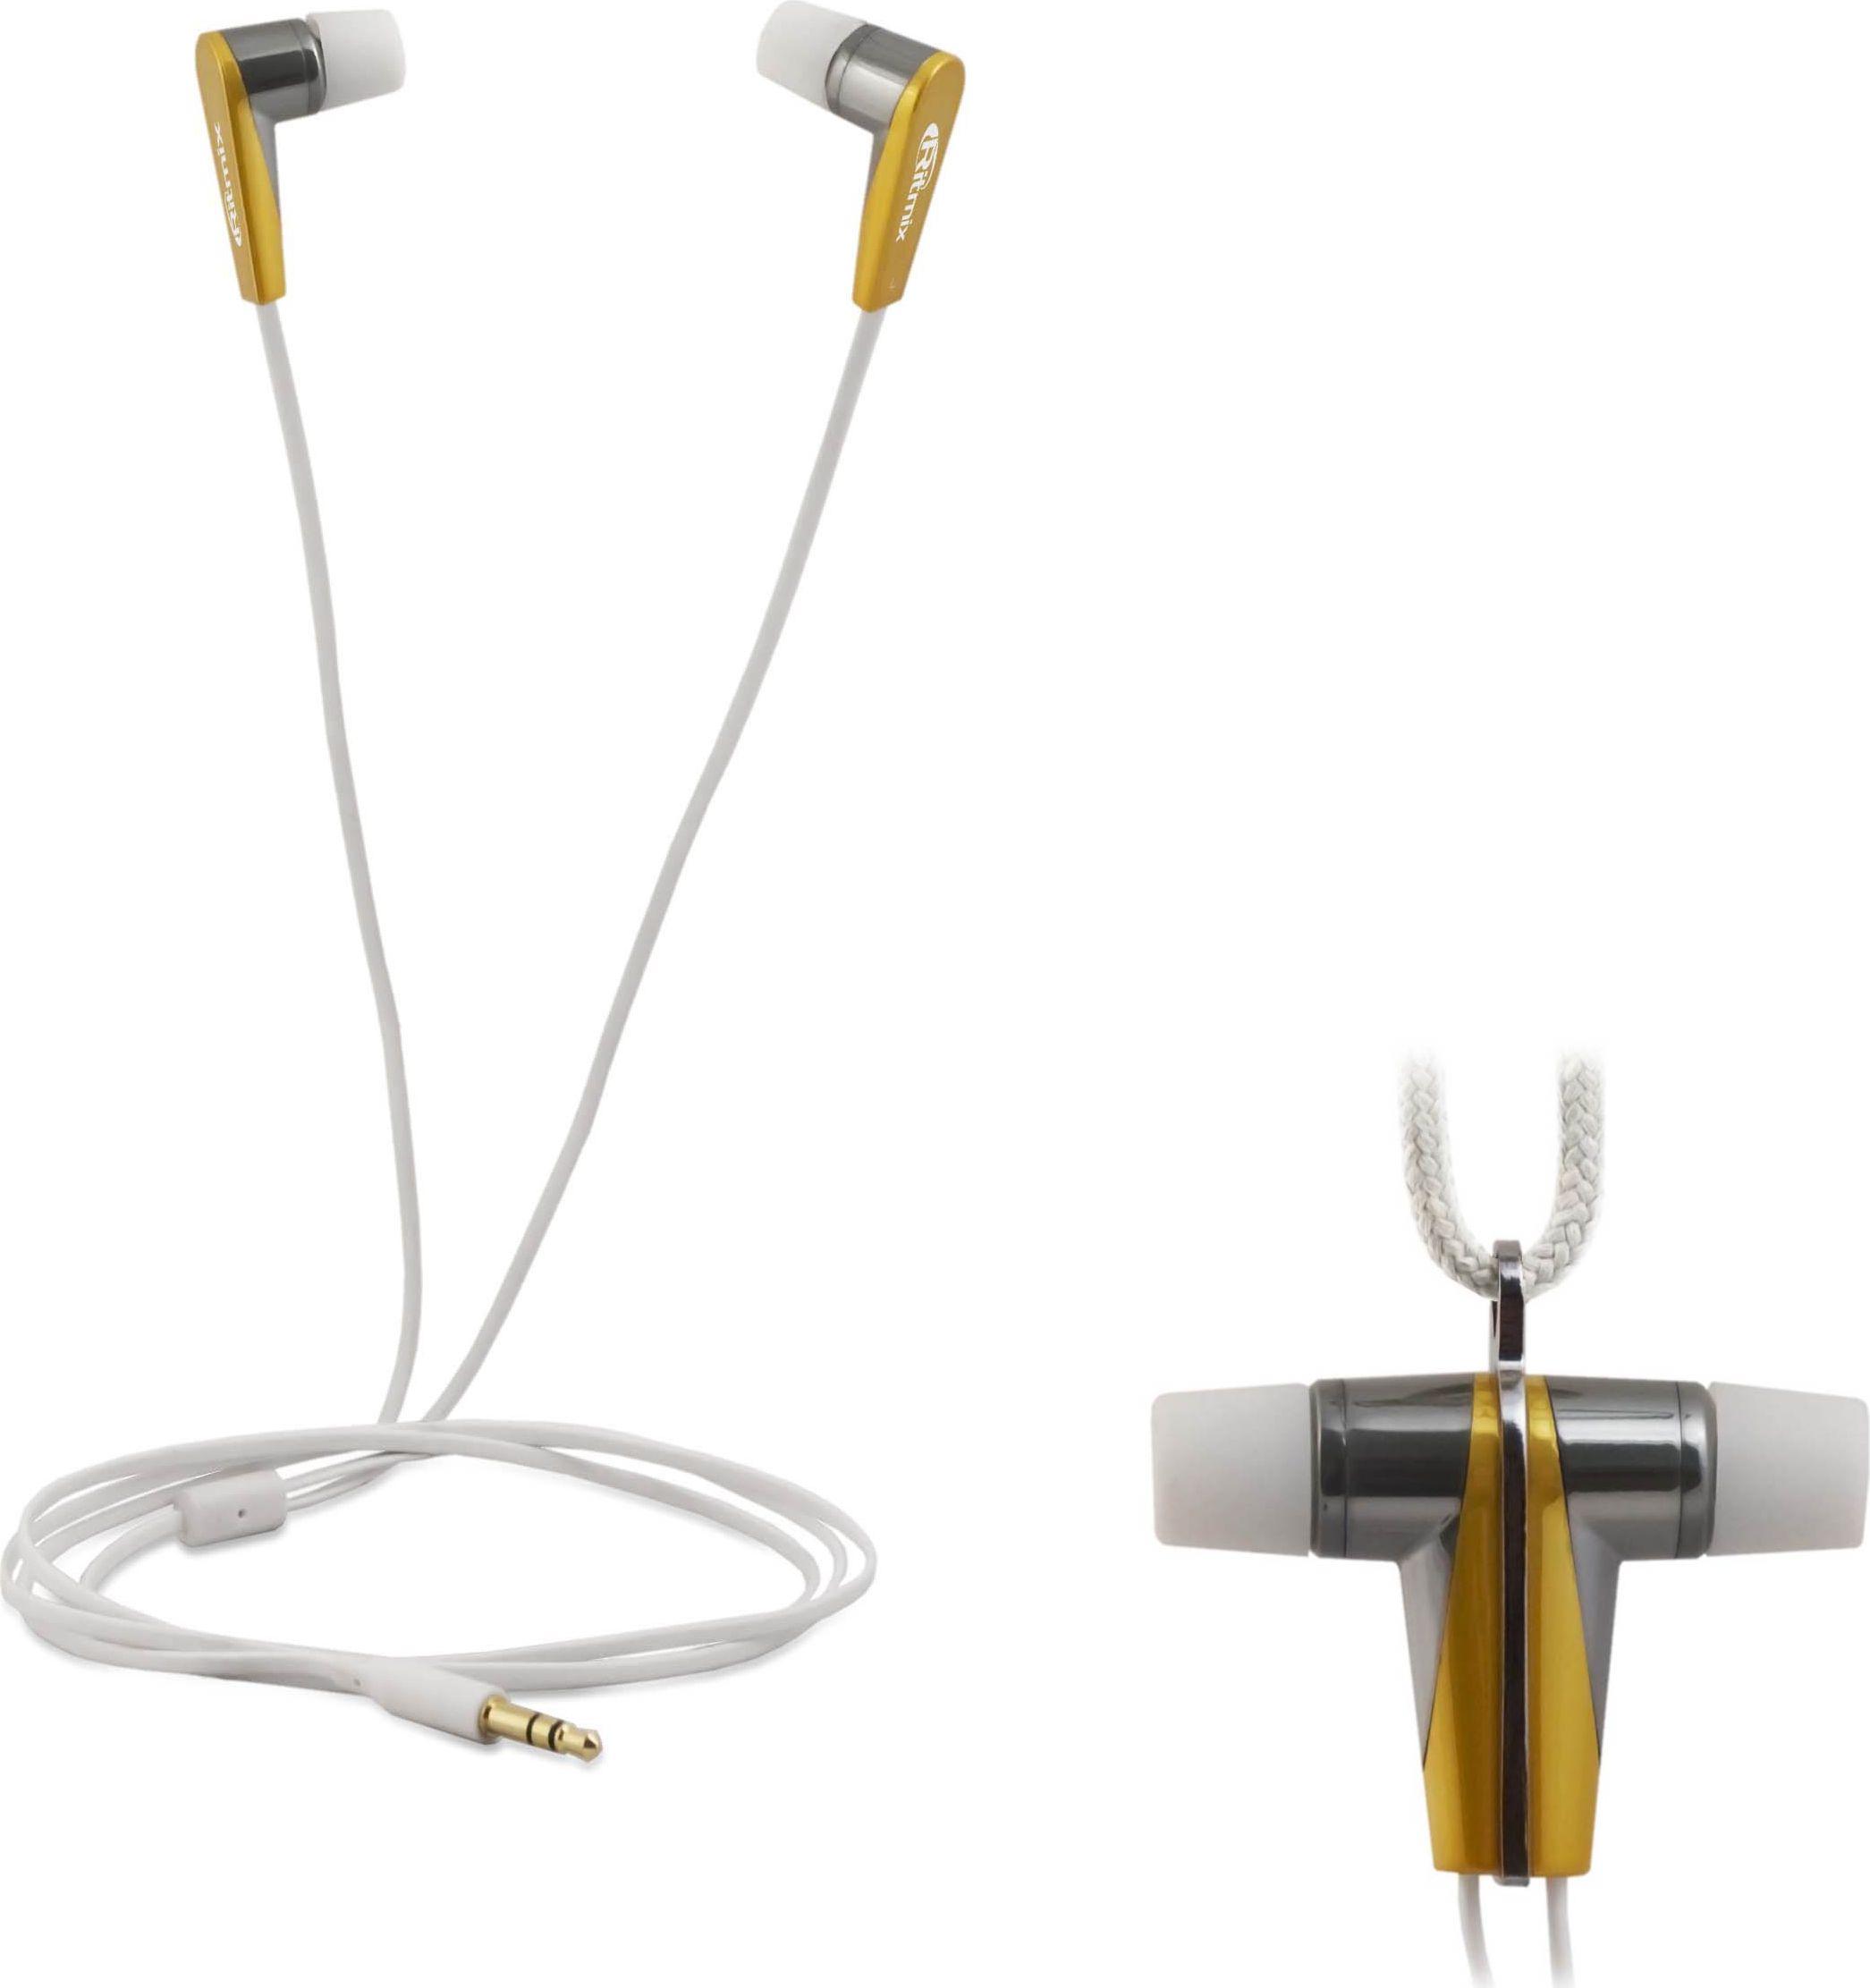 Ritmix RH-135, Space Grey наушники15119361Ritmix RH-135 – это портативные наушники-вкладыши в алюминиевом корпусе, предназначенные для использования с телефонами, планшетами и MP3- плеерами. Металл корпус, диам дин-ка: 10 мм,частот хар-ка:20-20 000 Гц,Сопротивление: 16 Ом,Чувст: 92 дБ+/-3 дБ, Разъем: 3,5 мм,Кабель:1,2 м+/-0,3 м,В комплекте: амбушюры, инструкция